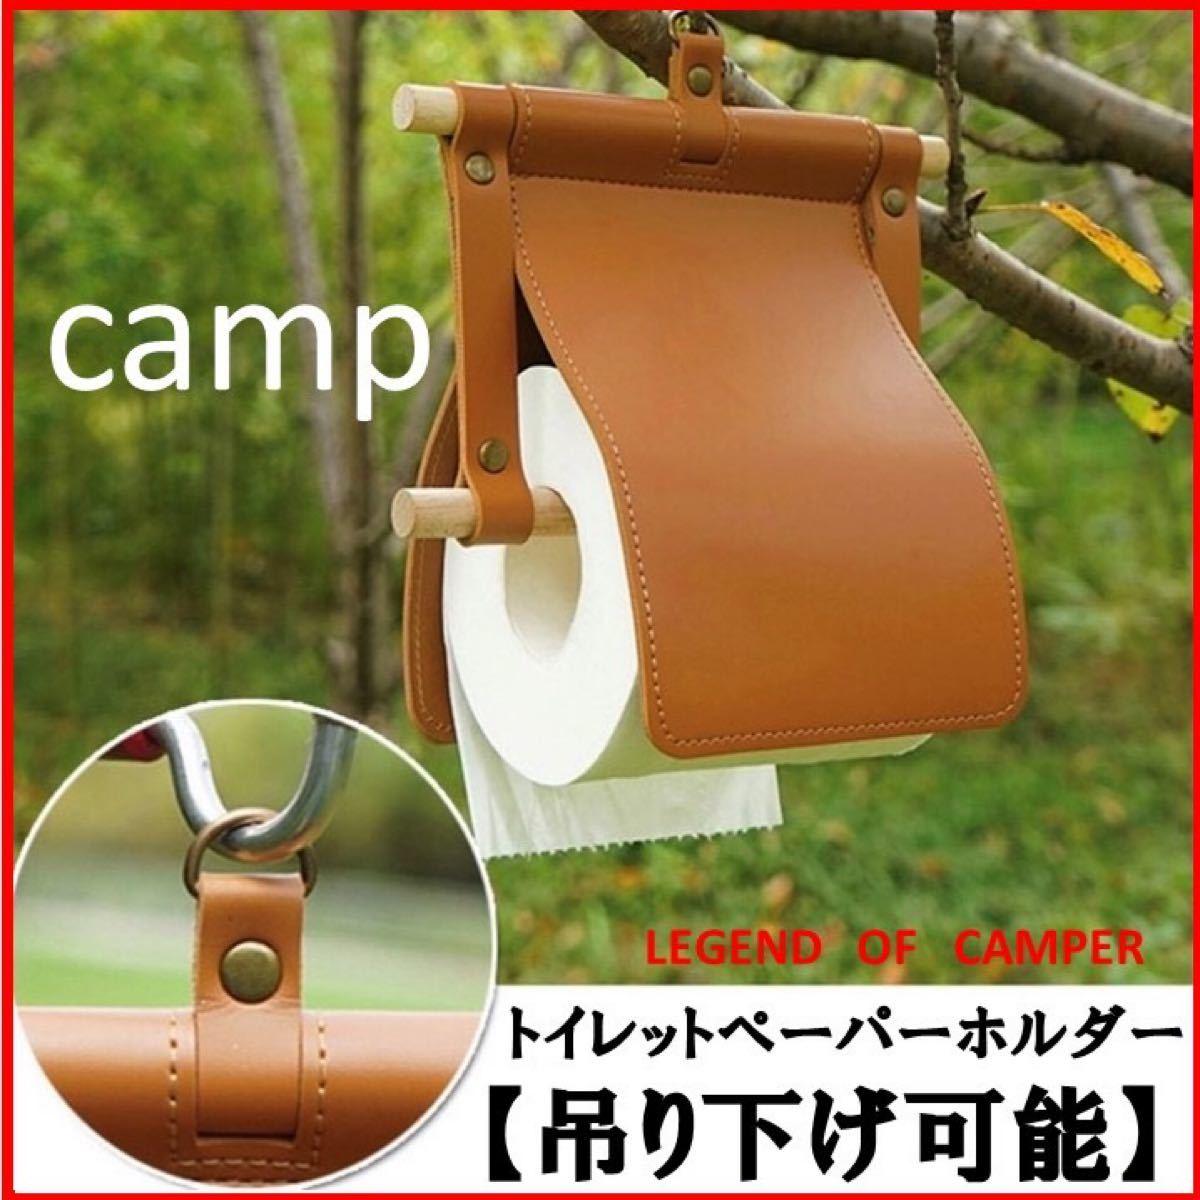 アウトドア【キャンプ】トイレットペーパーホルダー【吊り下げタイプ】